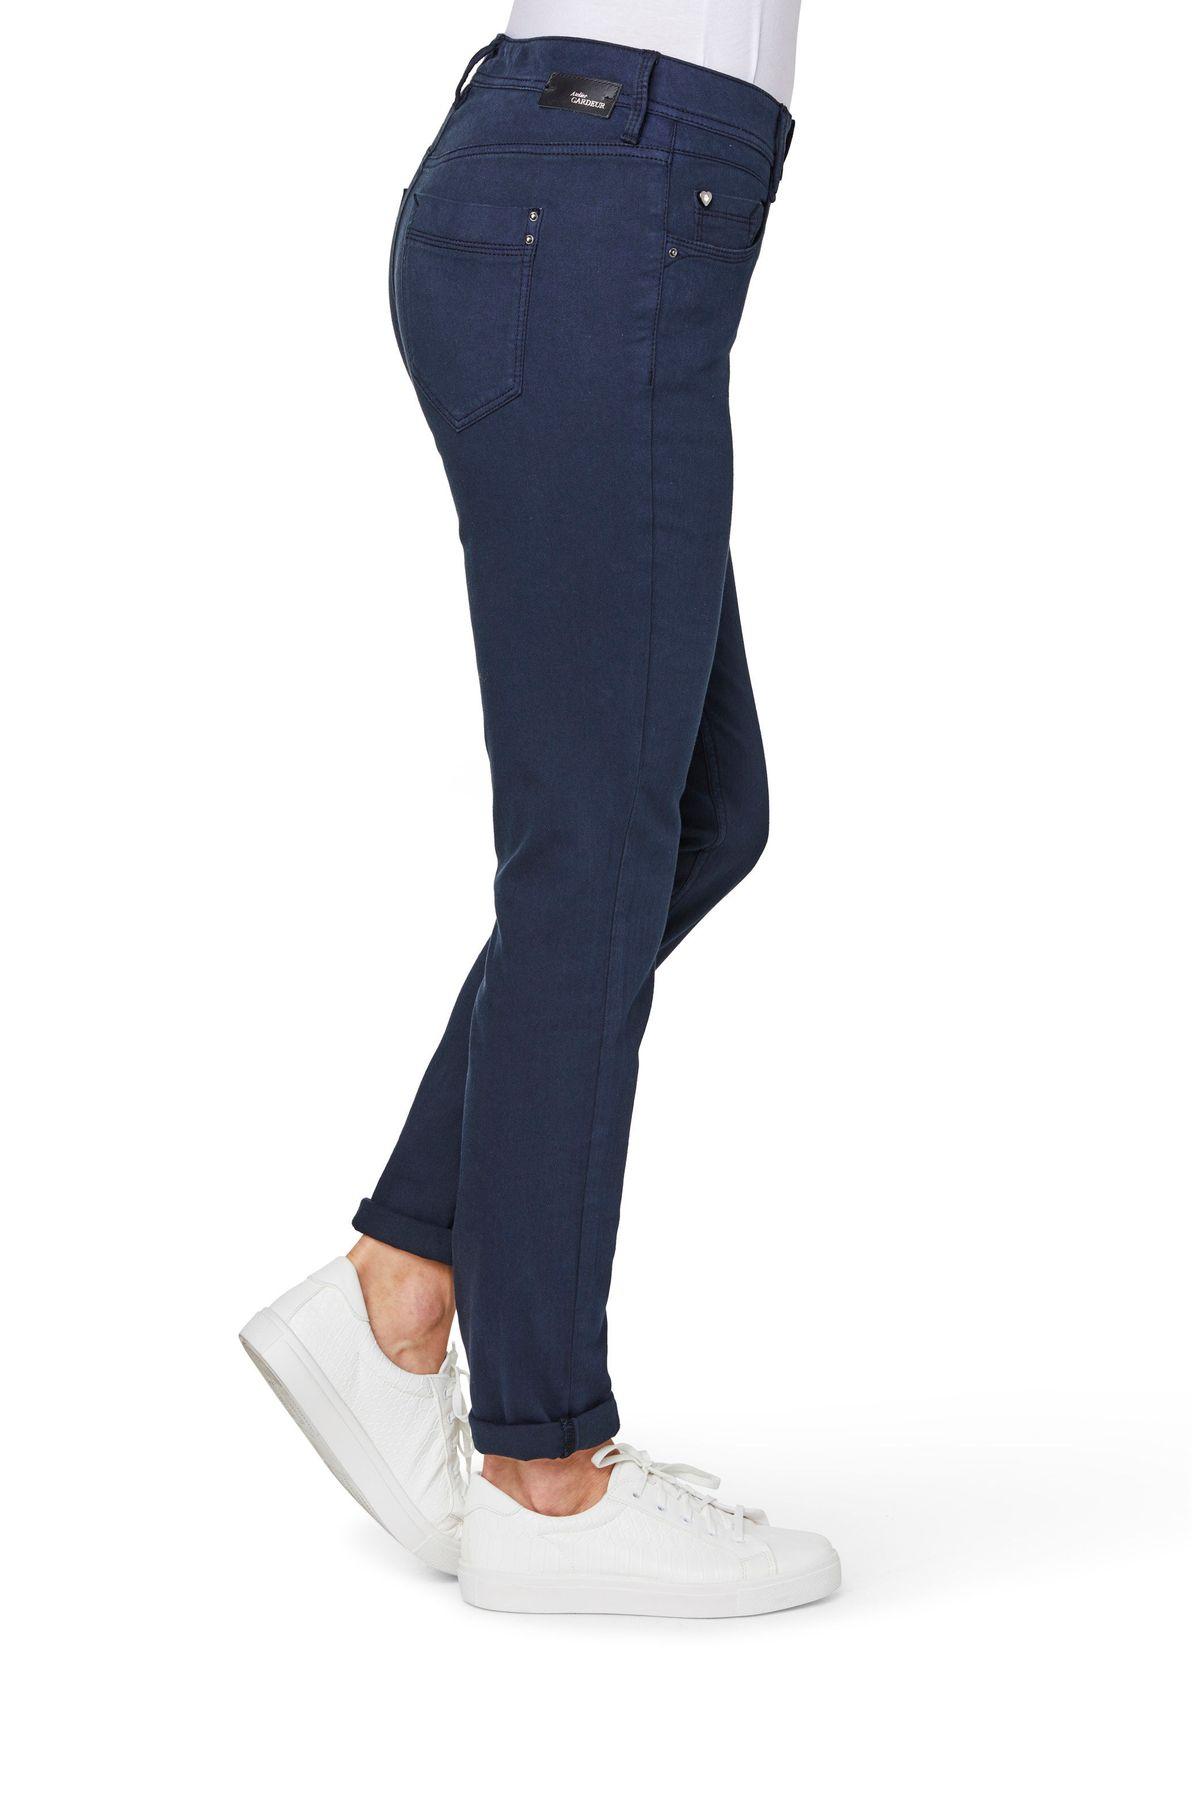 Atelier Gardeur - Slim Fit - Damen 5-Pocket Jeans, Zuri108 (080421) – Bild 14